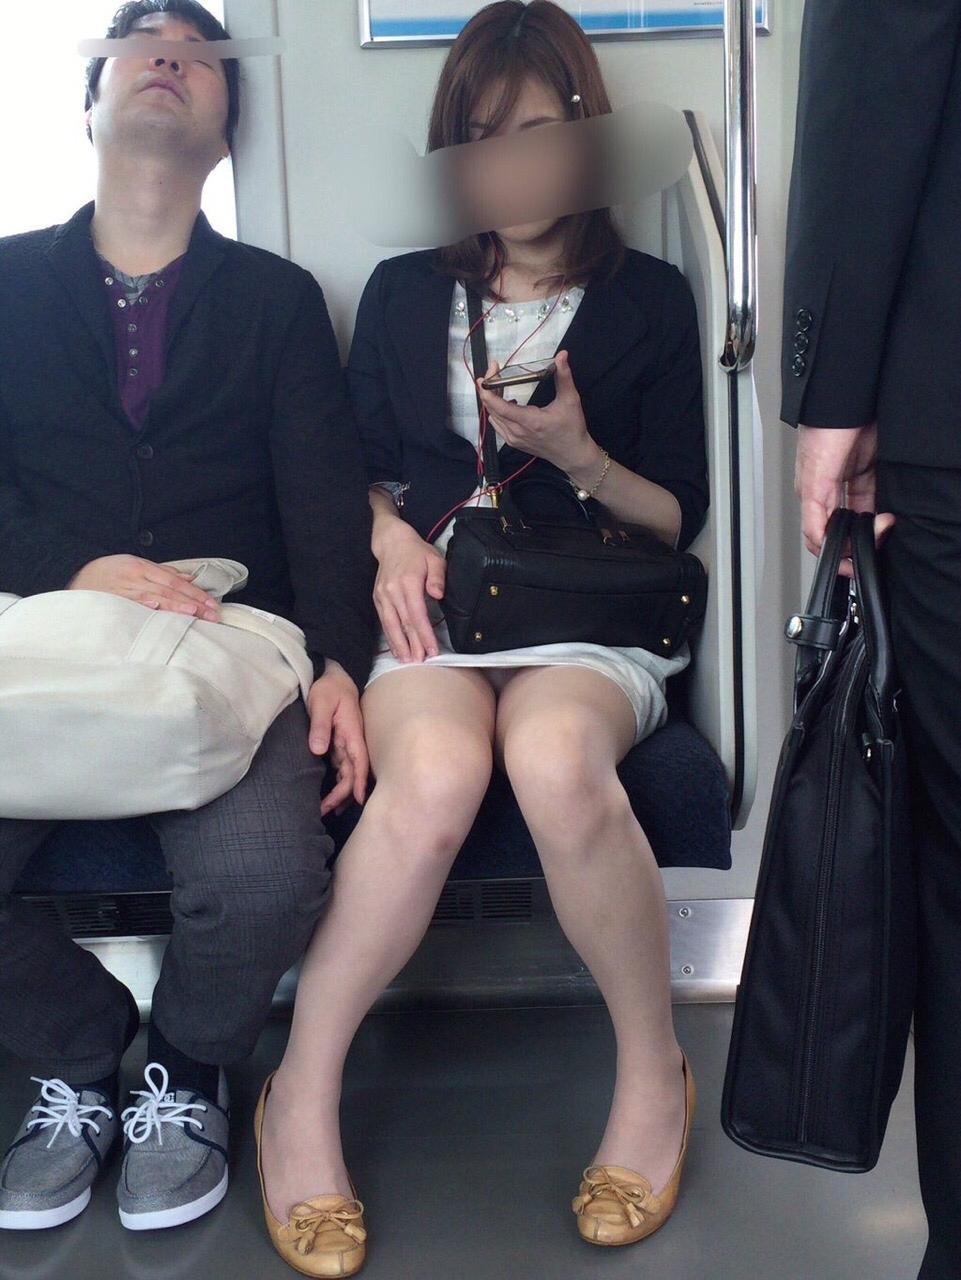 【パンチラ】ヤベェー!!!電車乗ってたら前に座る女のパンツ見えちまったーwww LAw7AX6